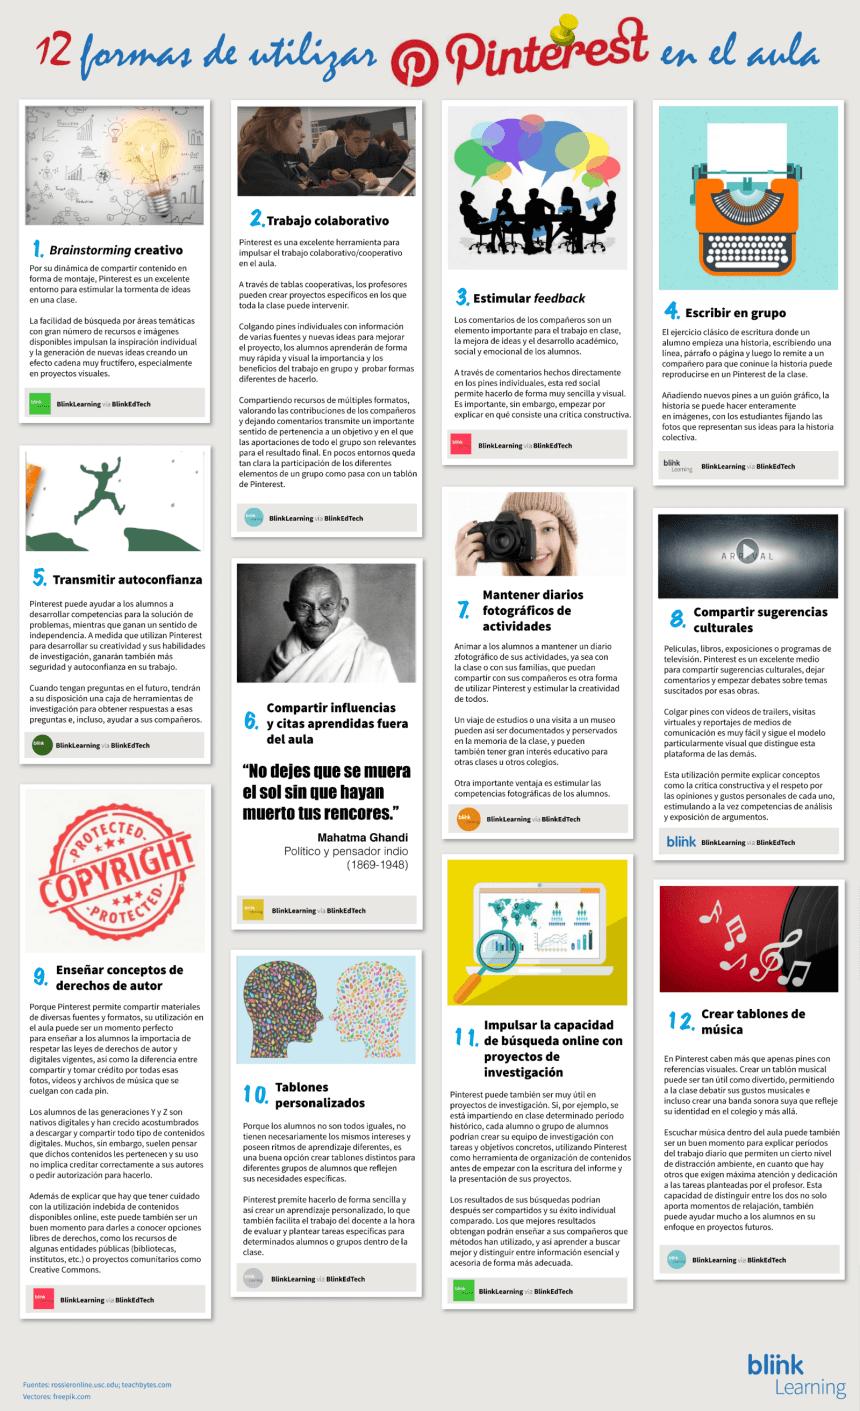 12 formas de usar Pinterest en el aula